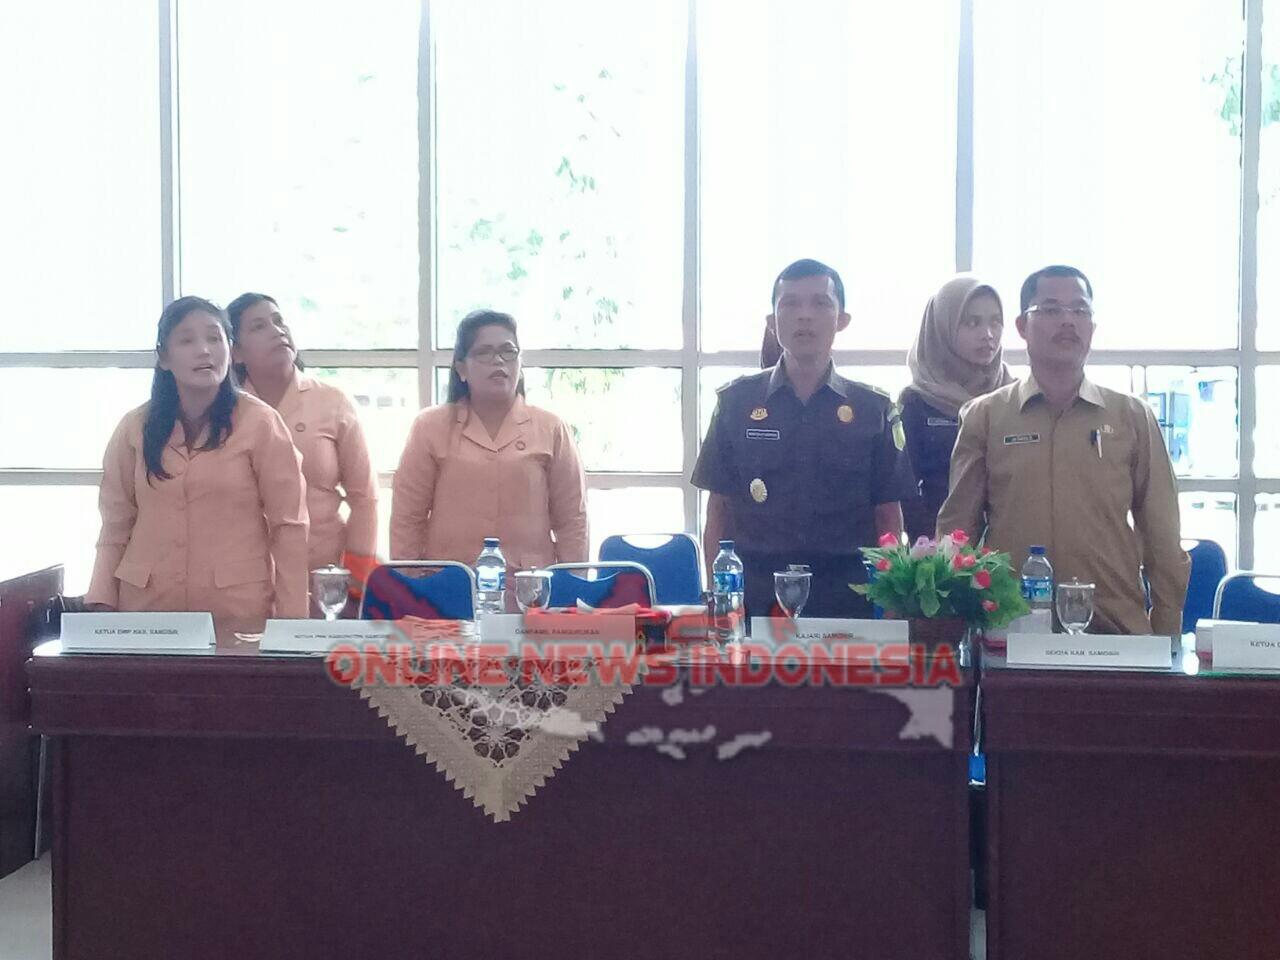 Foto : Kajari Samosir, yang diwakili Kasintel, Asben Bintang Situmorang SH MH (nomor 2 dari kanan), didampingi sekda Drs Jabiat Sagala M.Hum, pada acara pelantikan empat pejabat tinggi pratama dilingkungan pemerintah kabupaten Samosir.